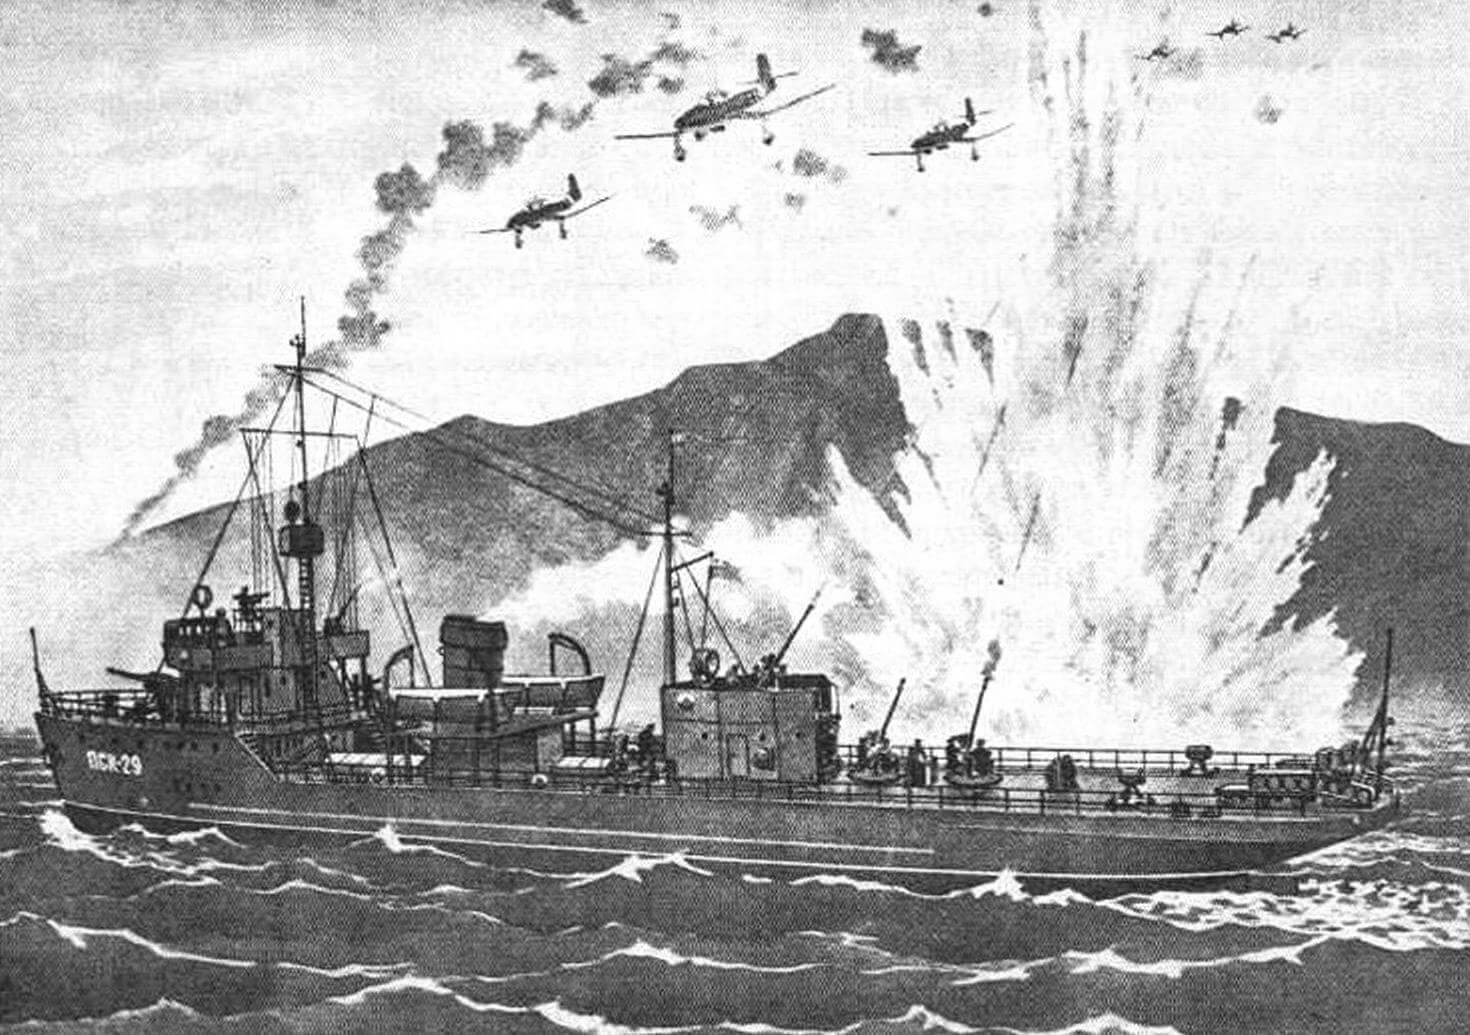 Сторожевой корабль «Бриллиант» ведет бой с немецкими самолетами в Мотовском заливе возле полуострова Рыбачий (рисунок Н. Рожнова)